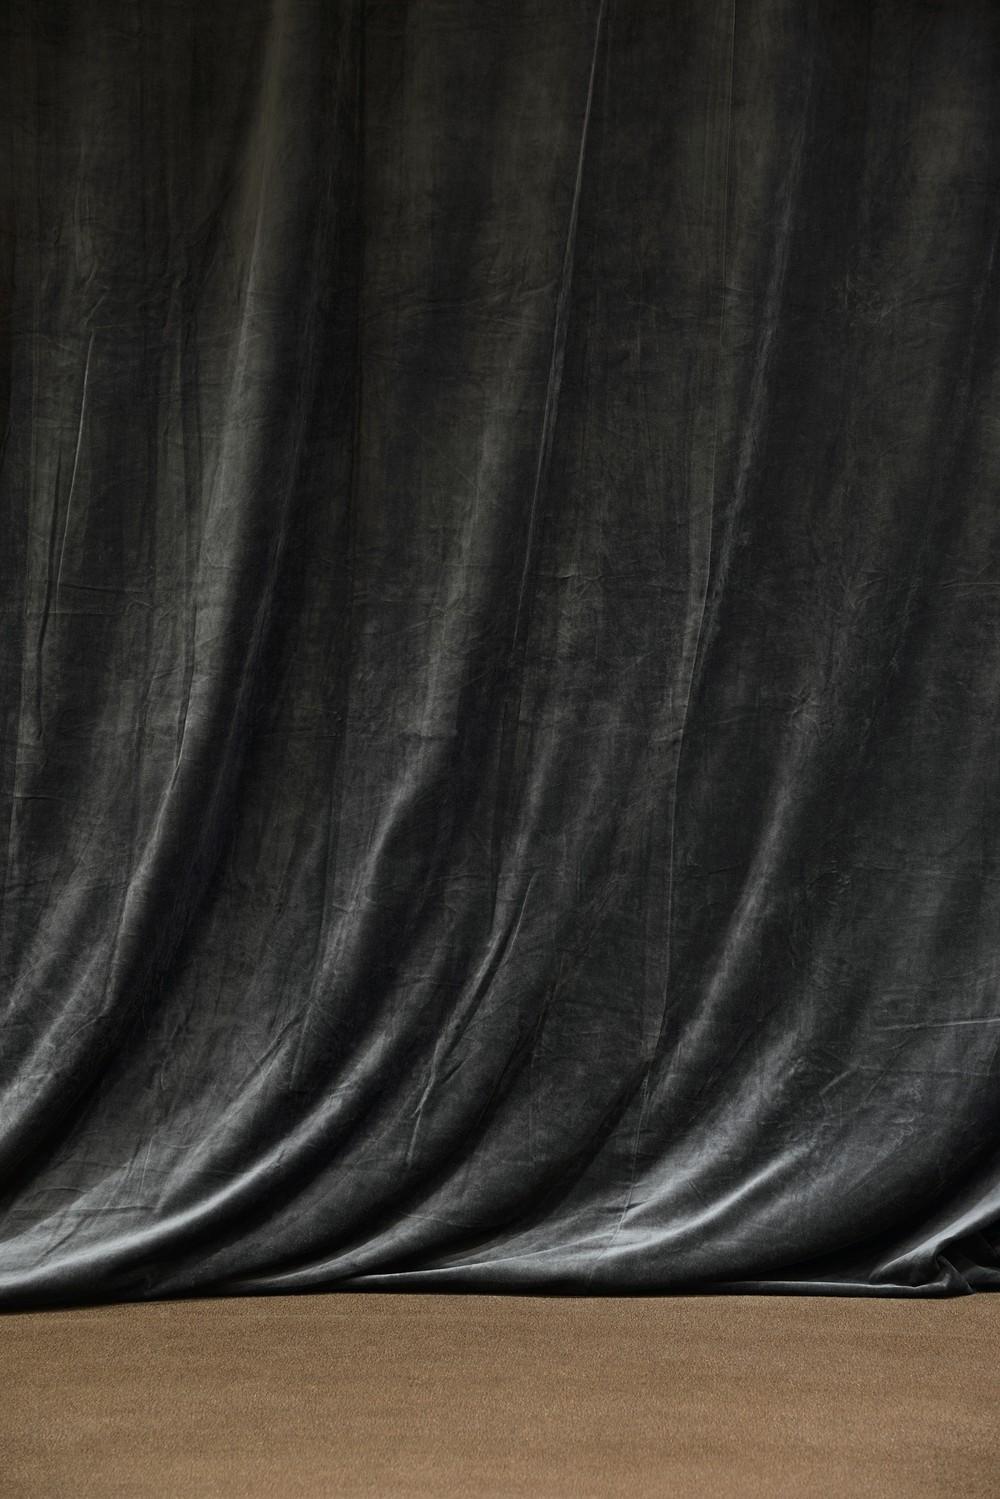 Velvet Curtain,   2014